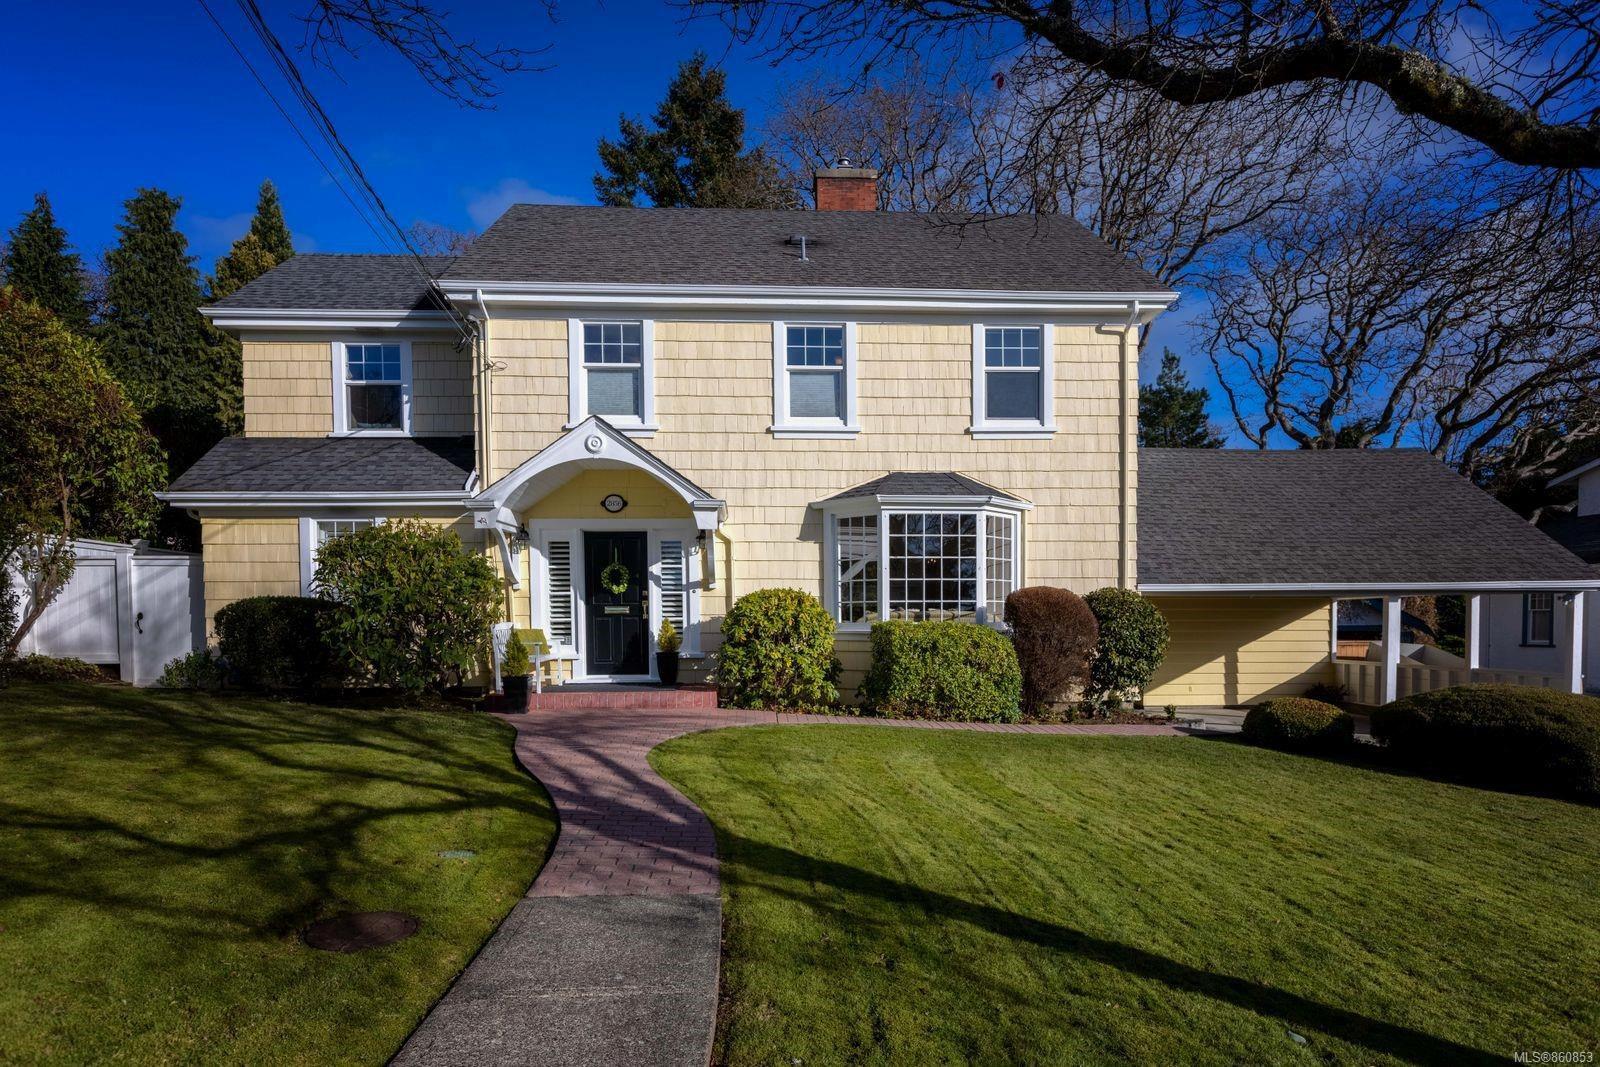 Main Photo: 2856 Dewdney Ave in : OB Estevan House for sale (Oak Bay)  : MLS®# 860853